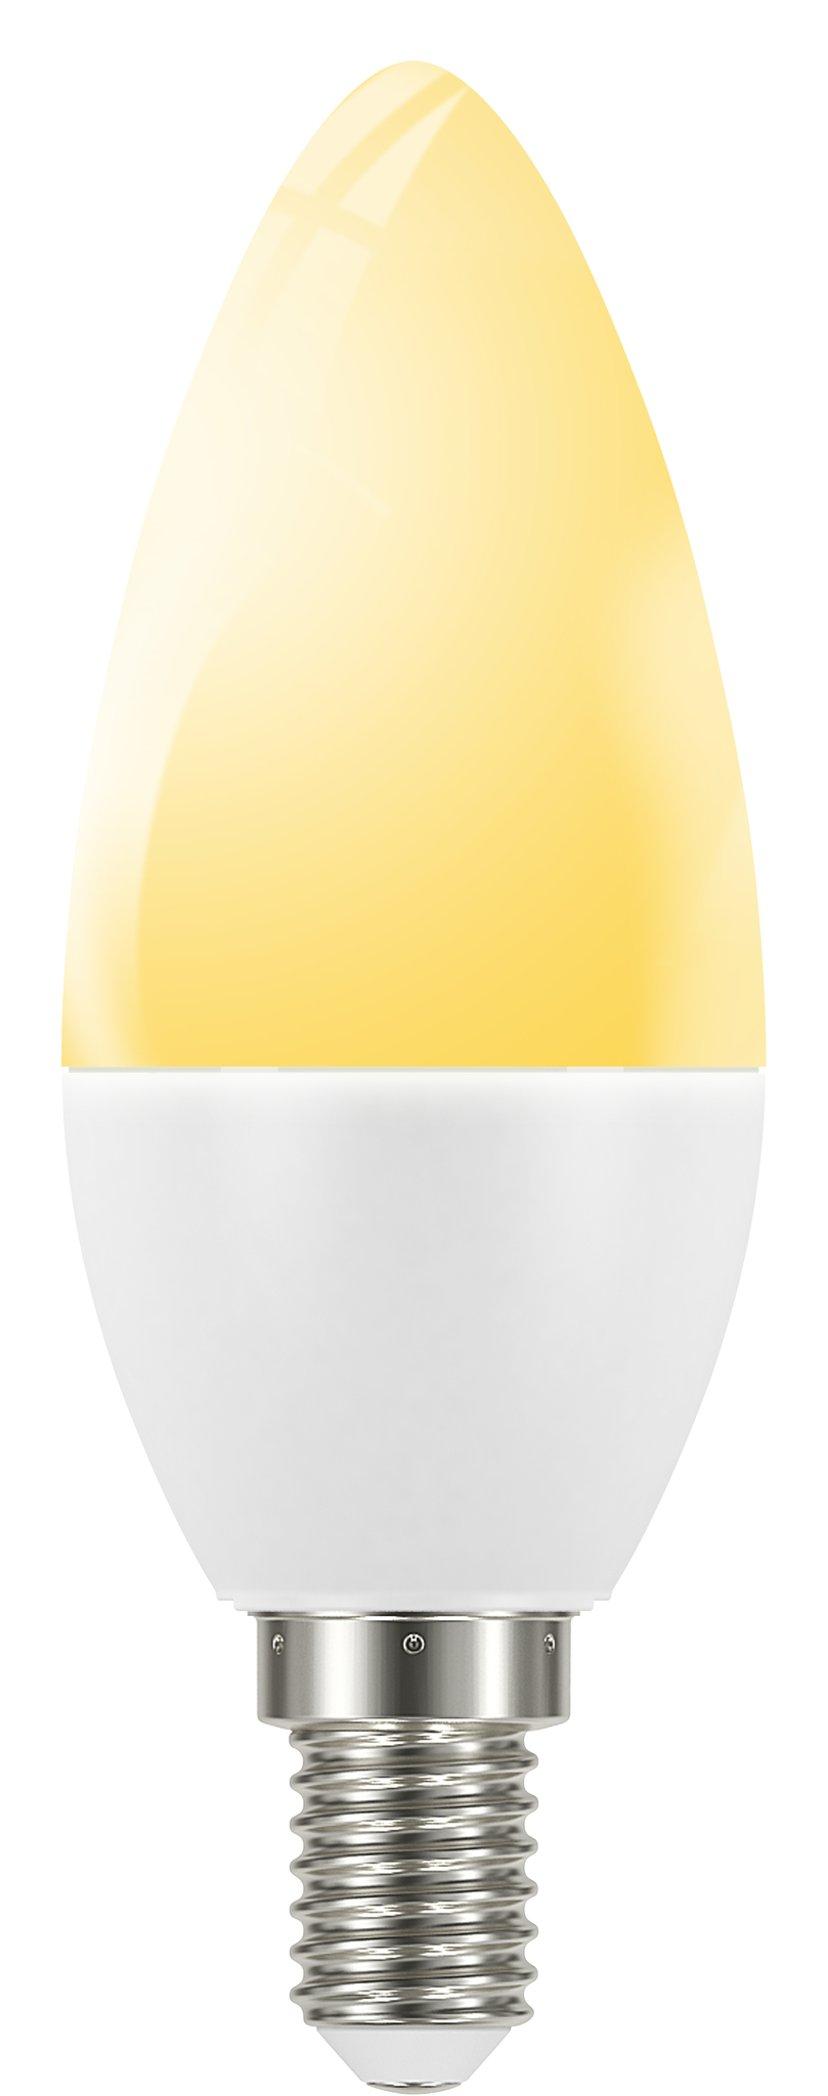 Smartline Flow Lamppu E14 6W, Himmennettävä, lämpimän valkoinen